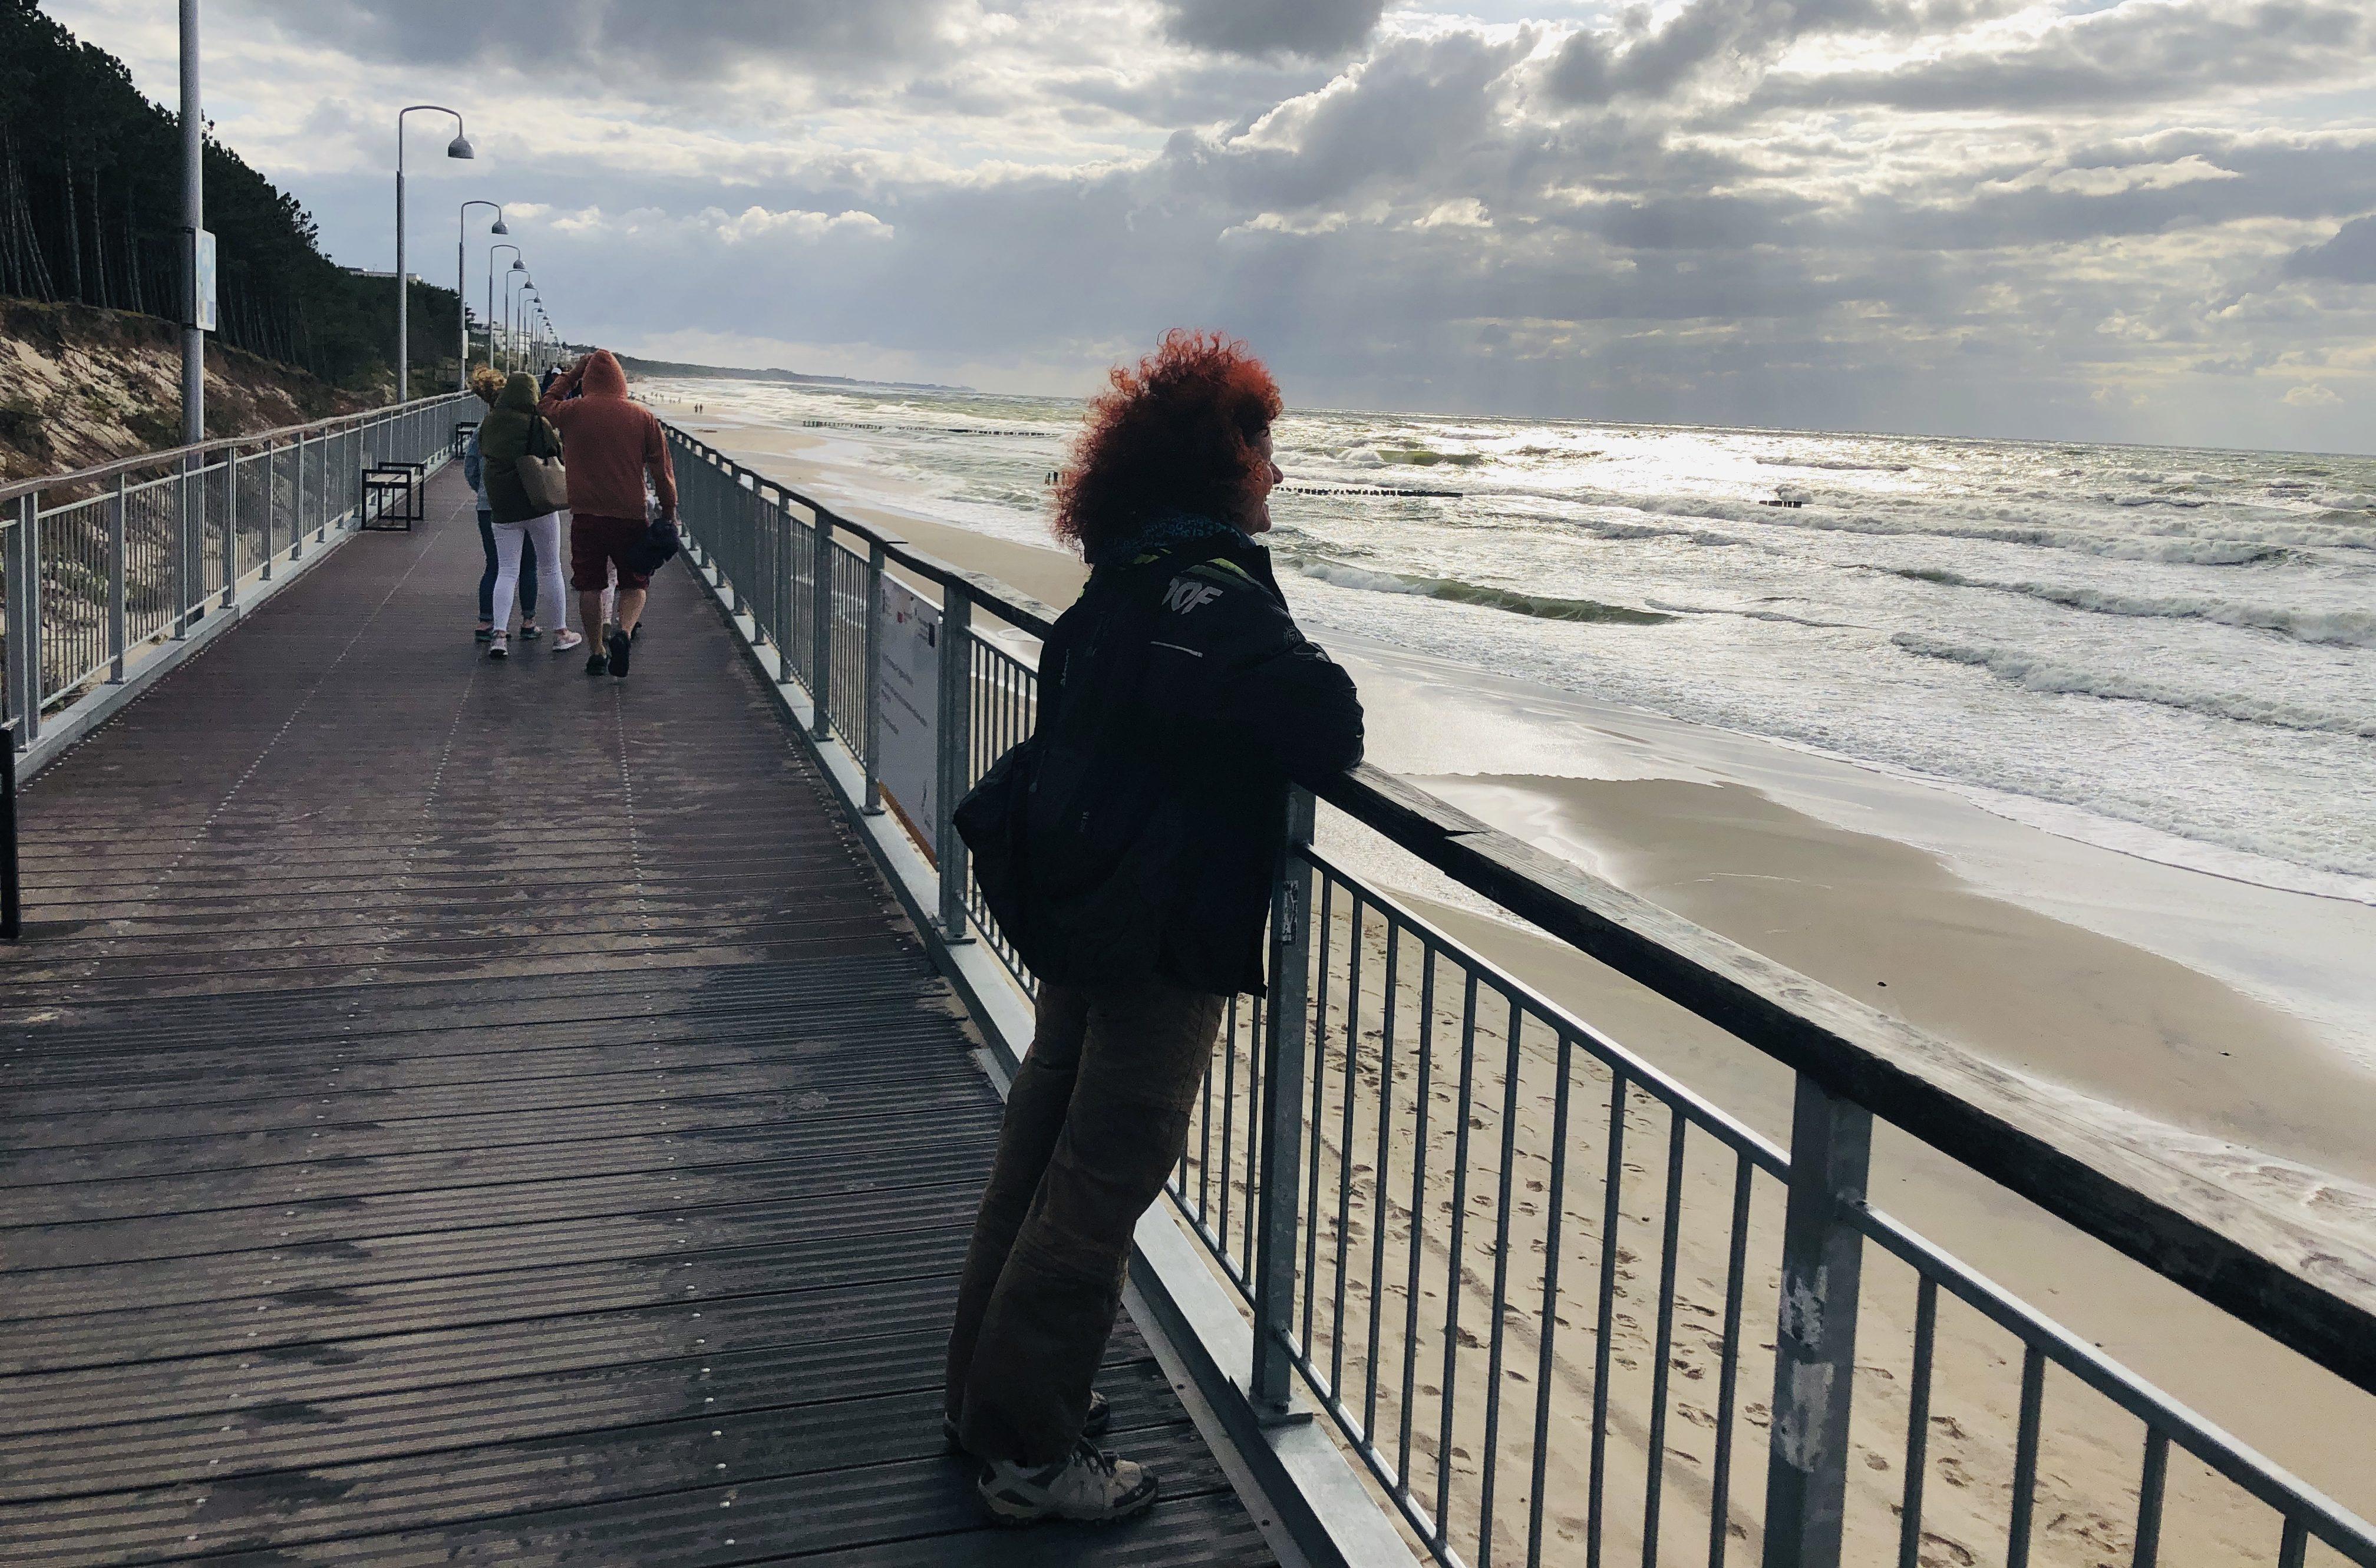 Promenade in Mielno an der polnischen Ostseeküste